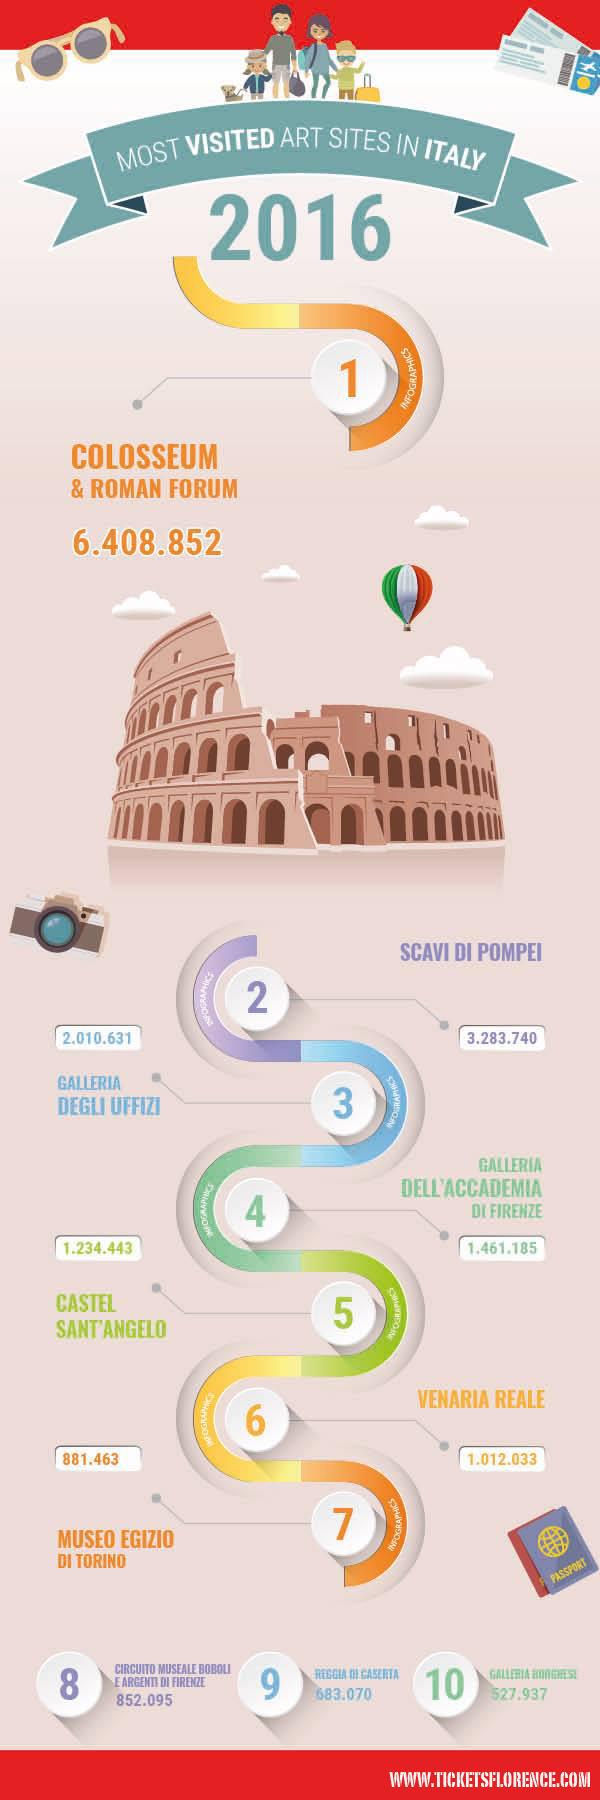 musei-italiani-più-visitati-2016